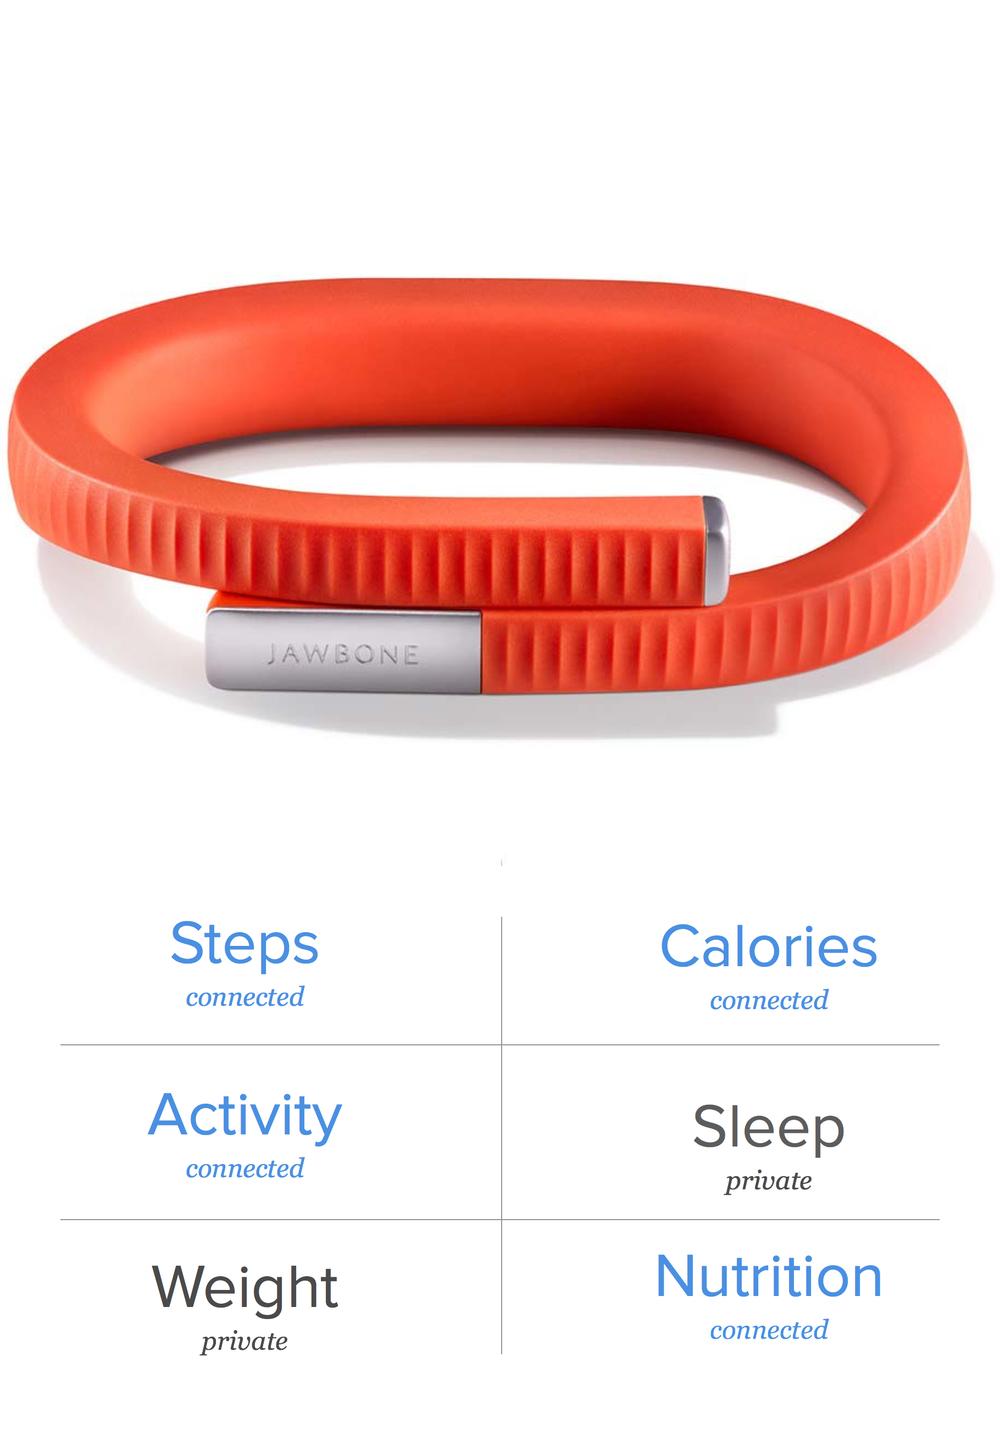 Jawbone data.jpg